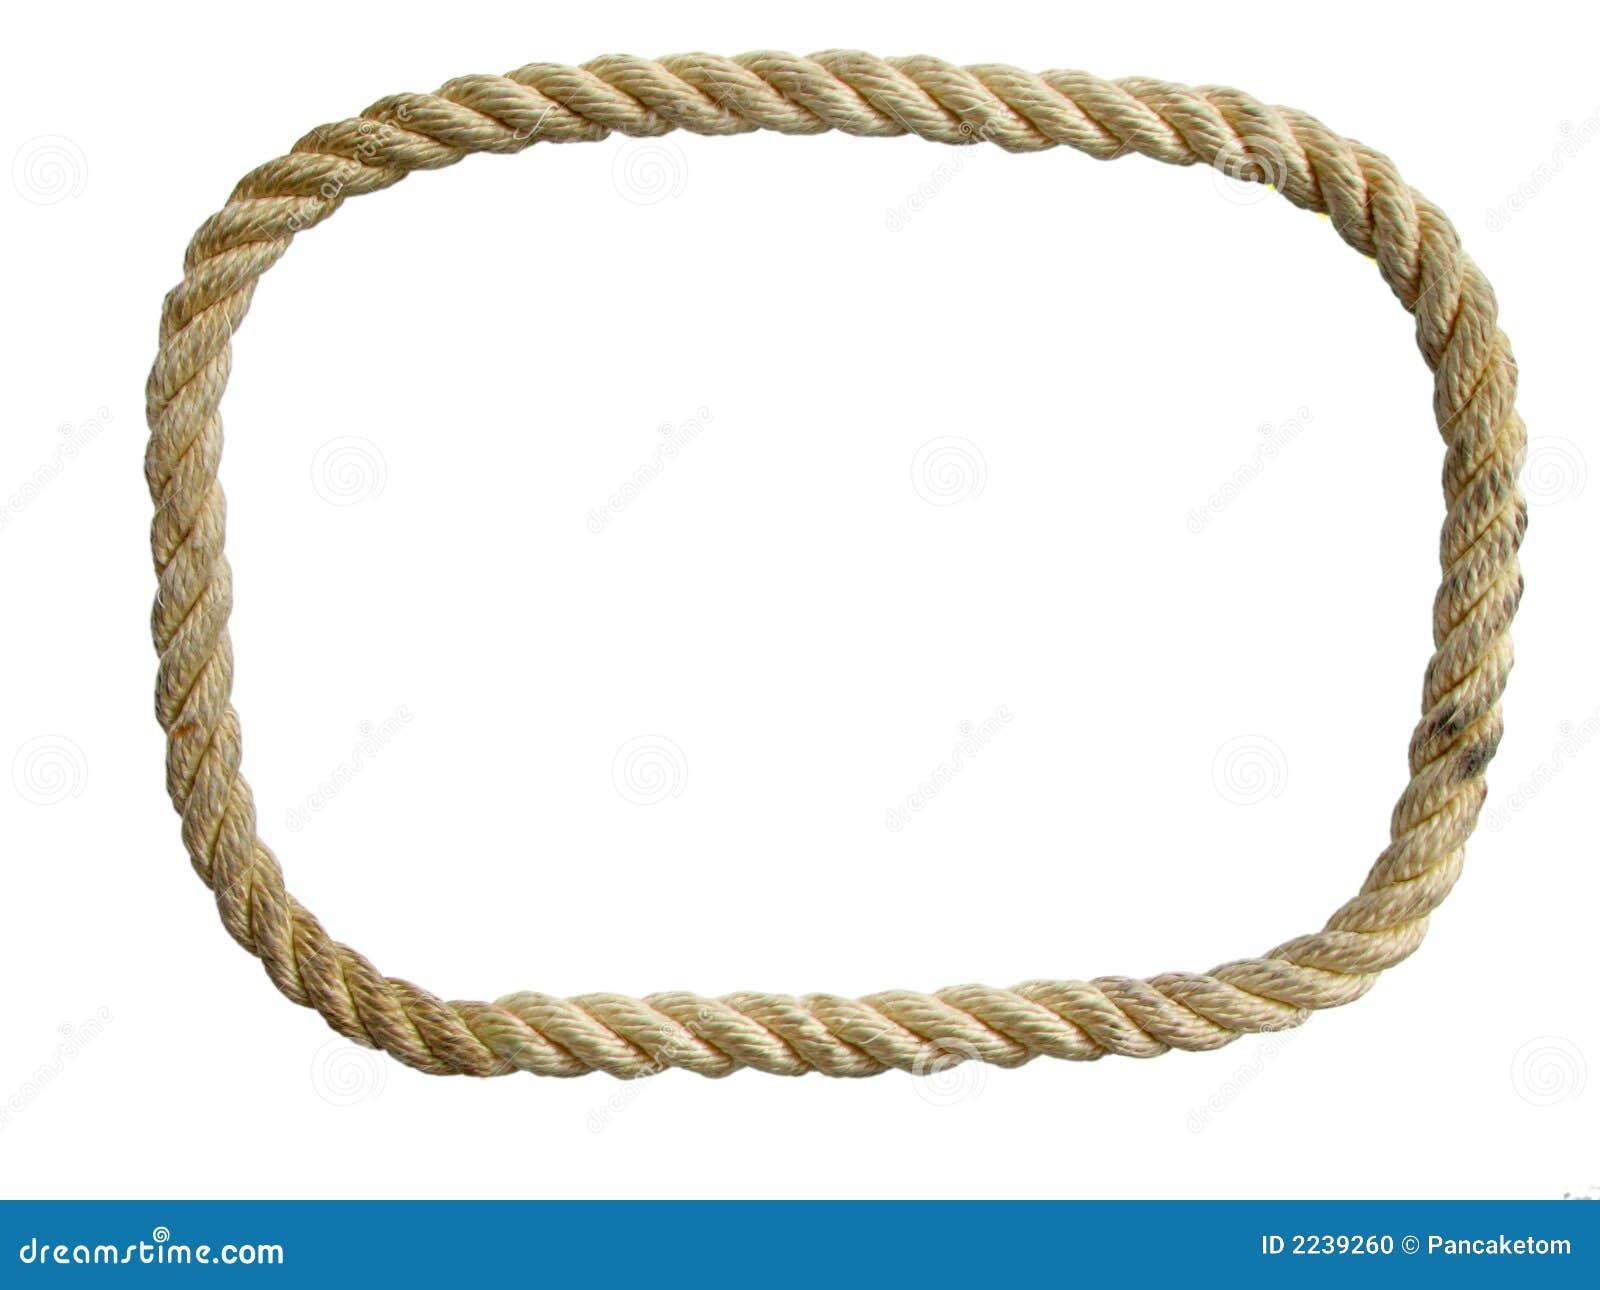 Bucle de nylon de la cuerda foto de archivo imagen 2239260 - Cuerda de nylon ...